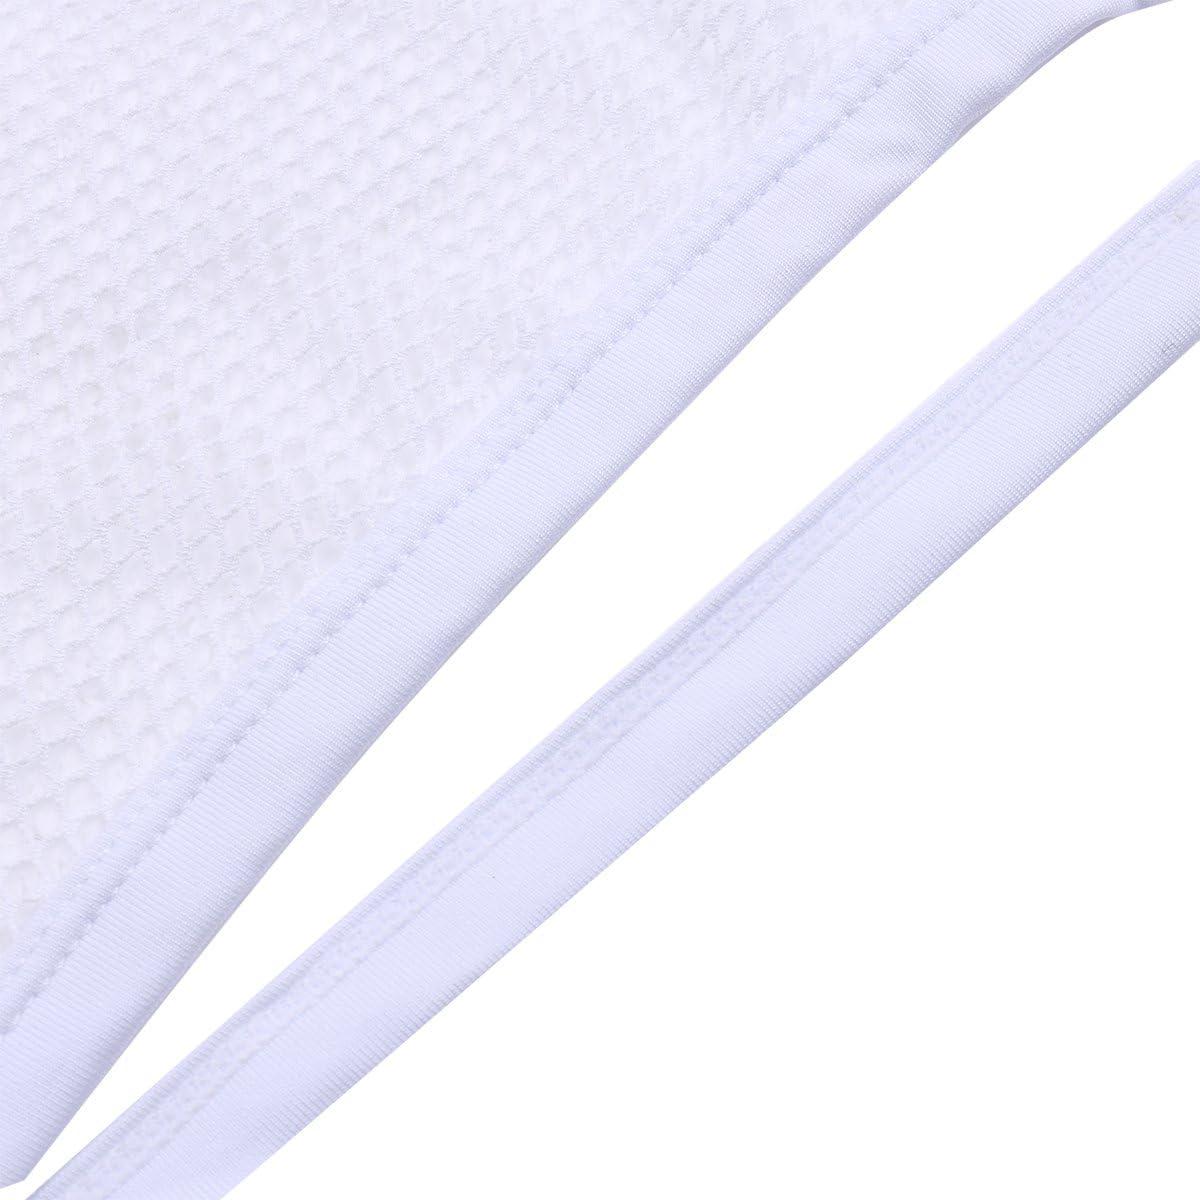 YiZYiF Mens Open Butt Jockstrap Briefs Mesh Fishnet Underwear